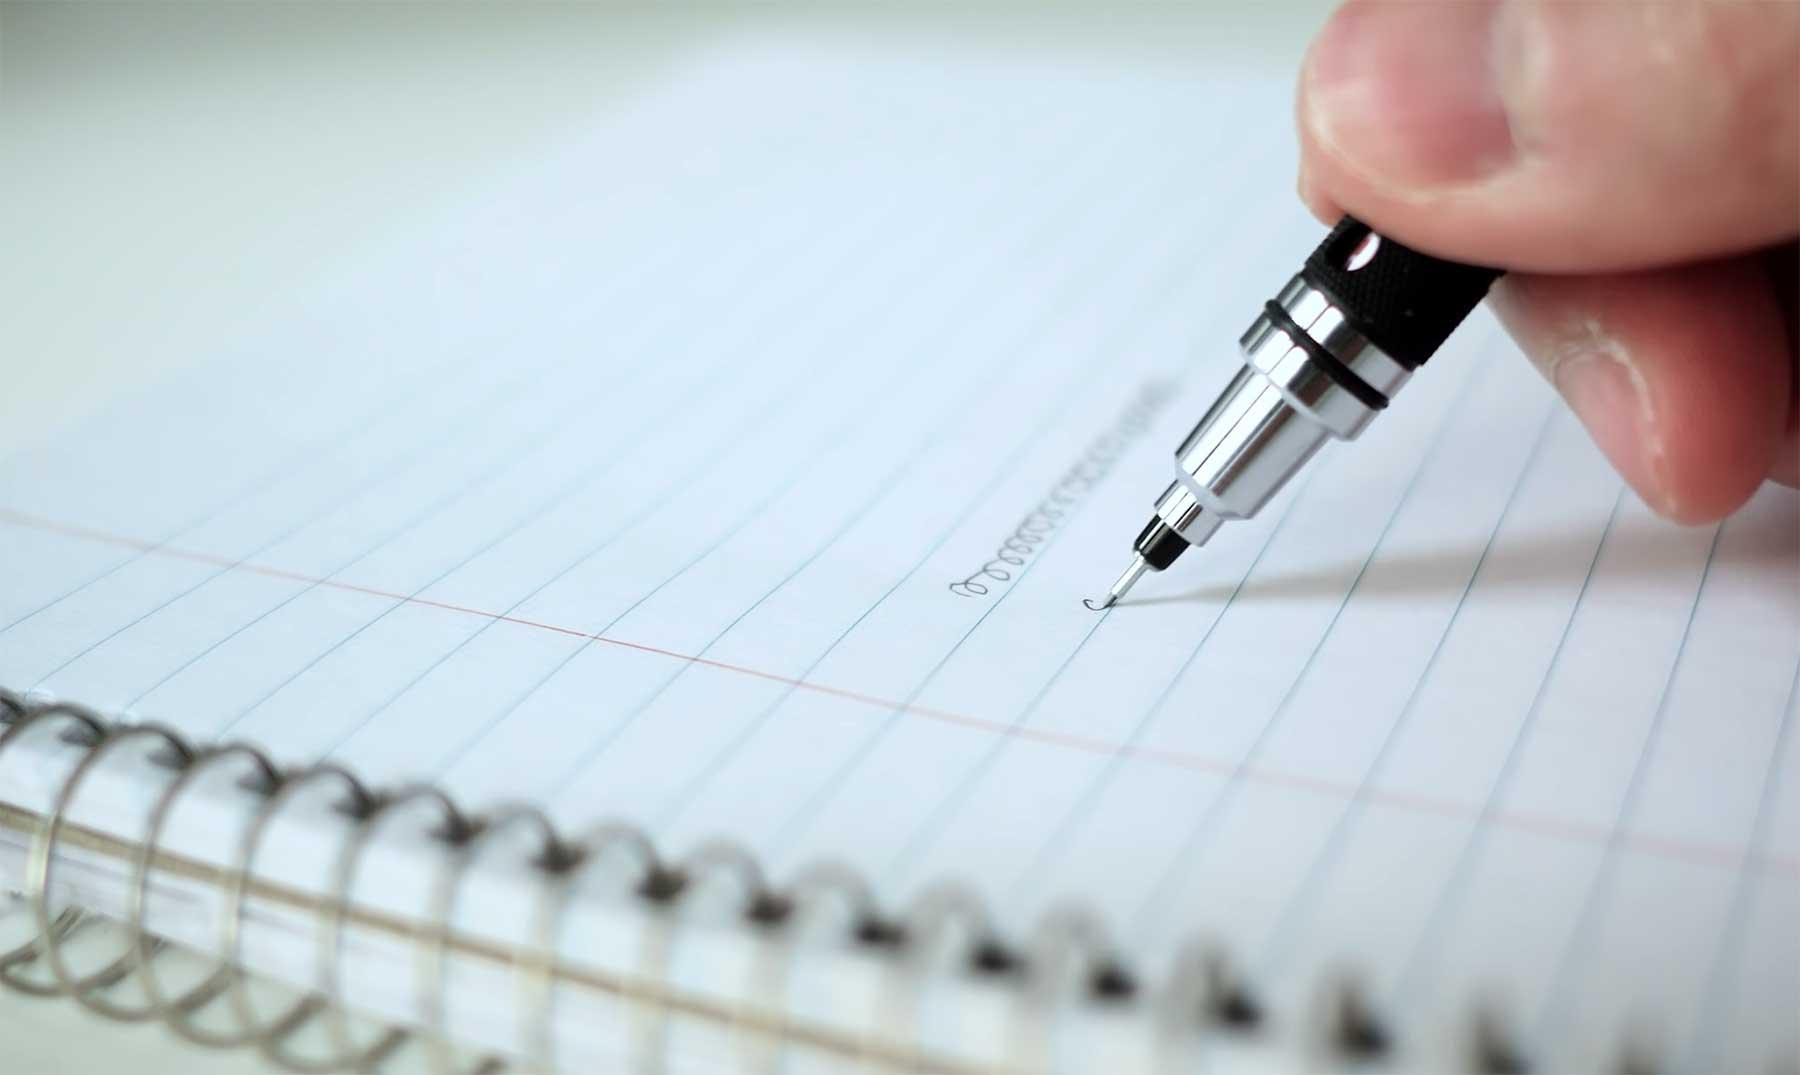 Dieser Bleistift dreht sich beim Schreiben Uni-Kuru-Toga-roulette-drehender-bleistift